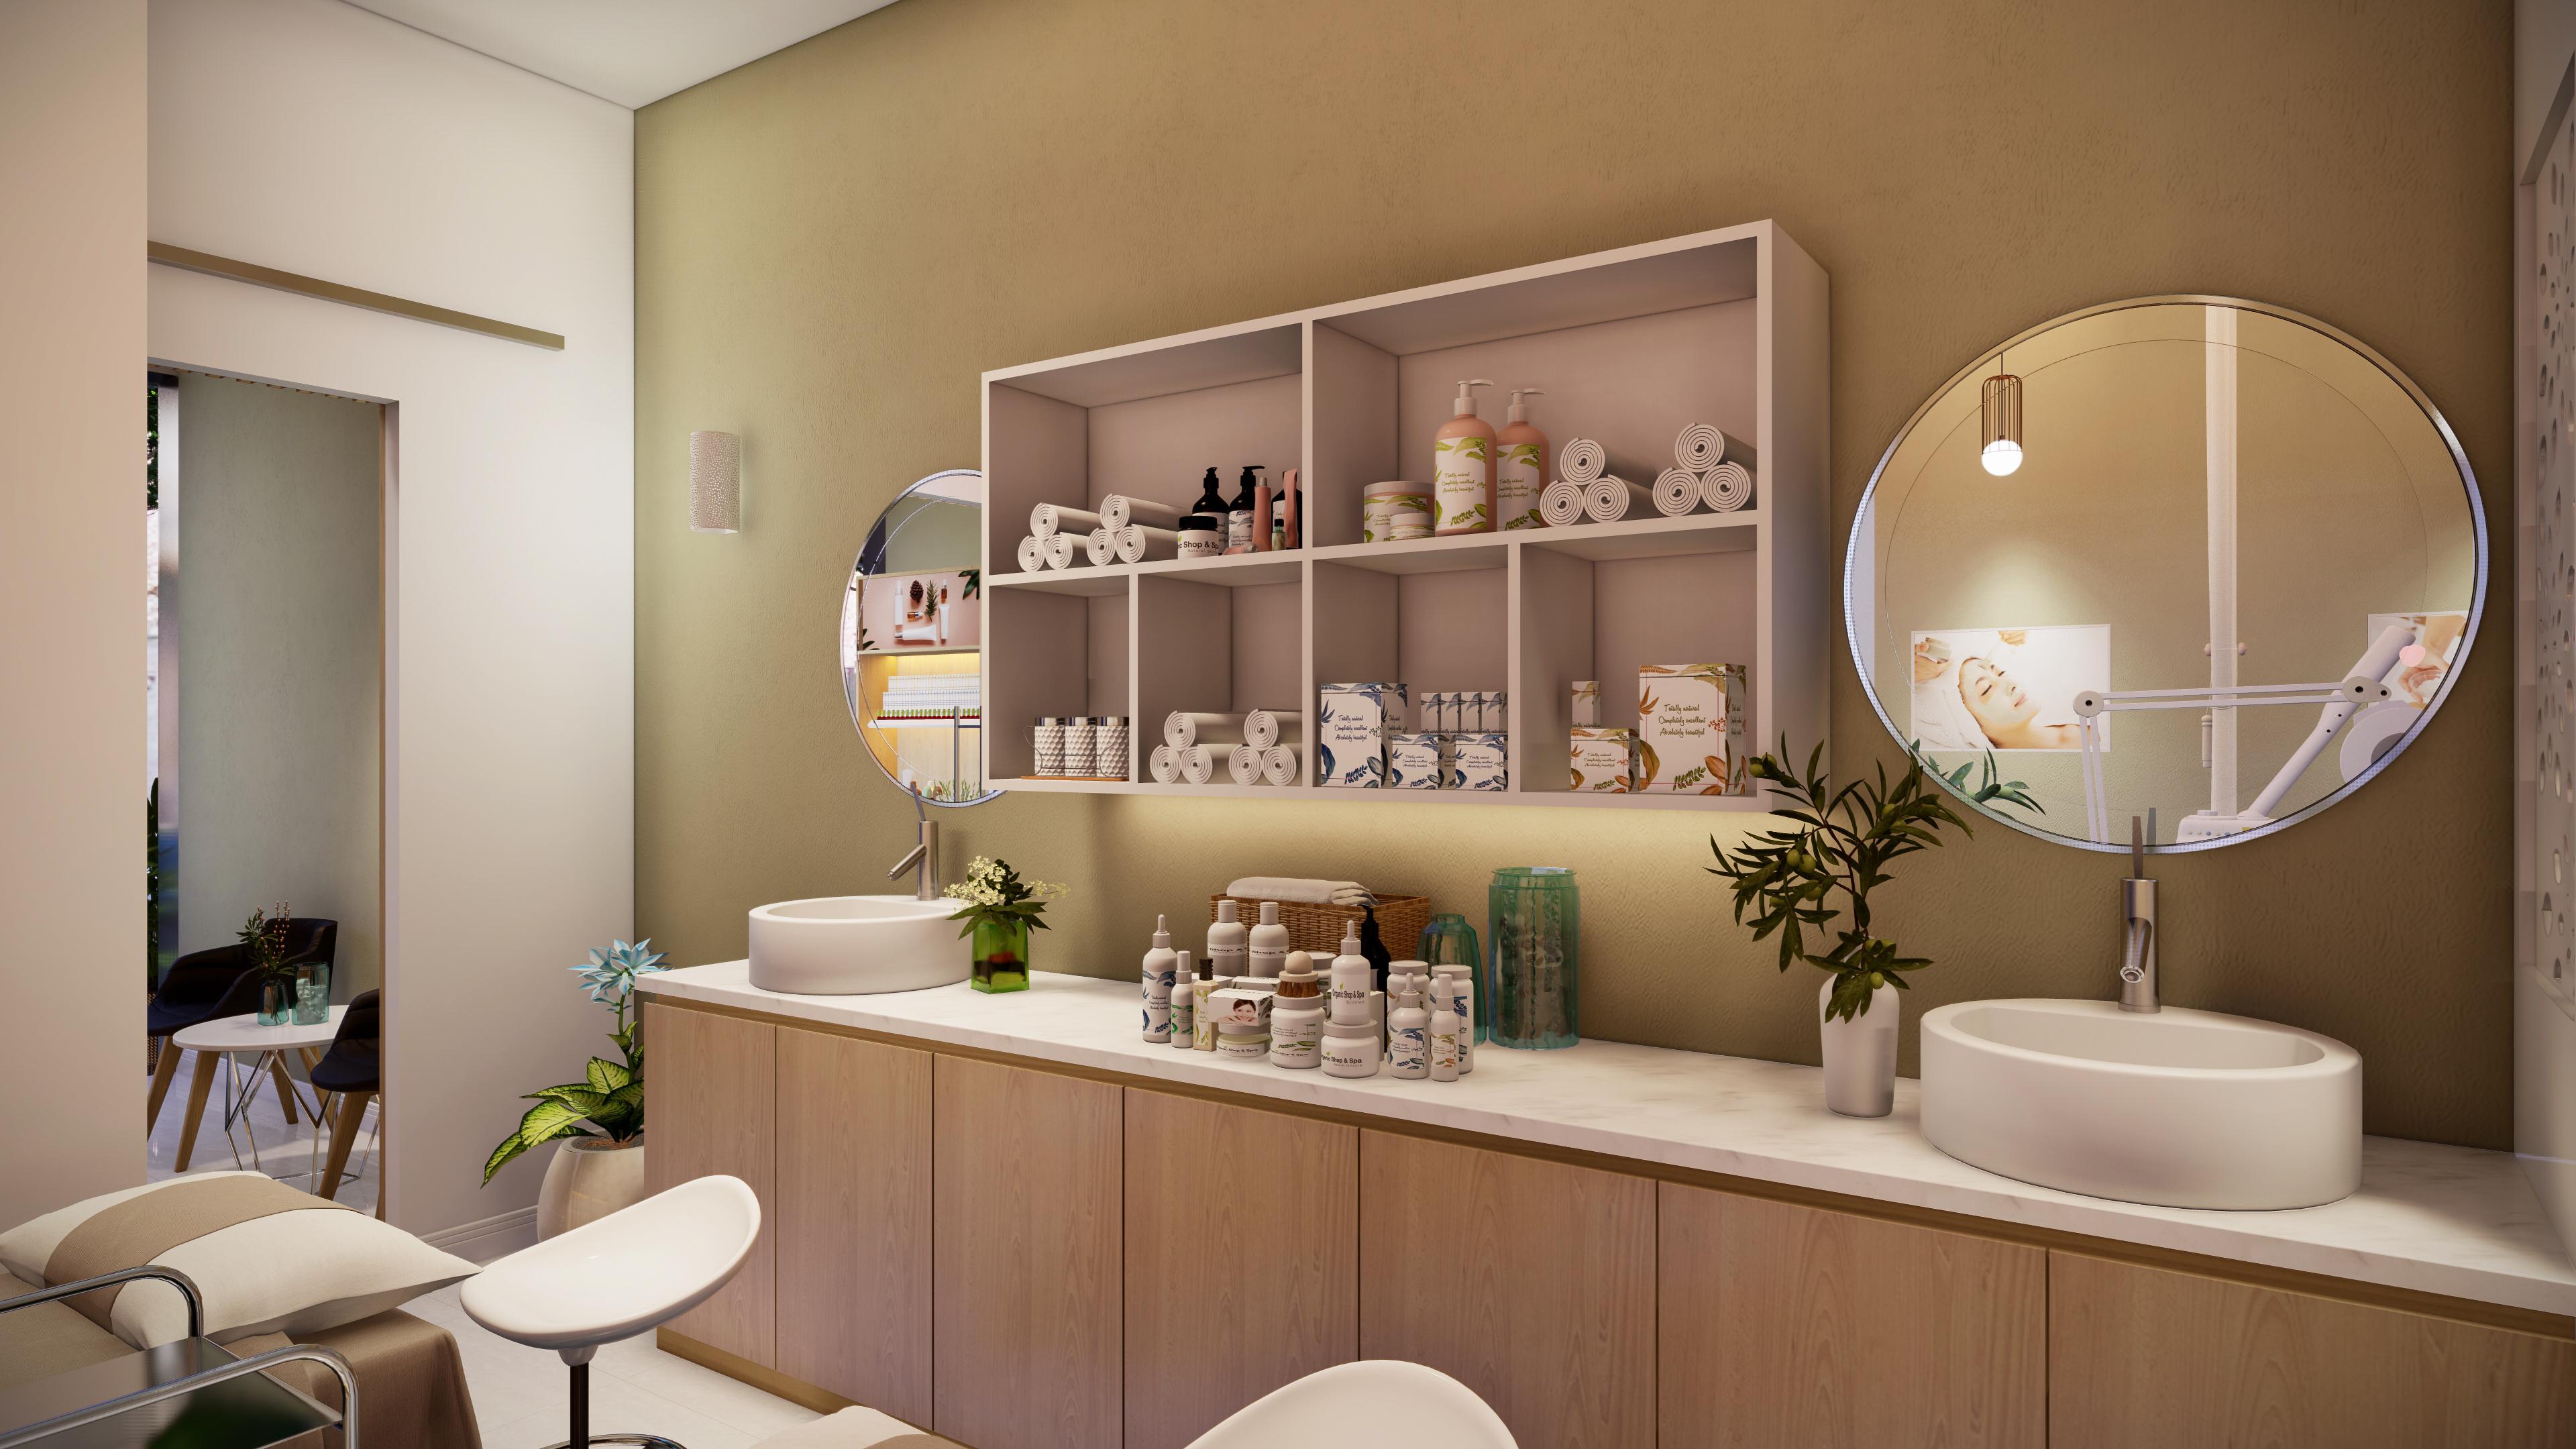 Thiết kế nội thất Spa tại Hồ Chí Minh HCM.MRGIANG-SHOP&SPA 1590203841 14